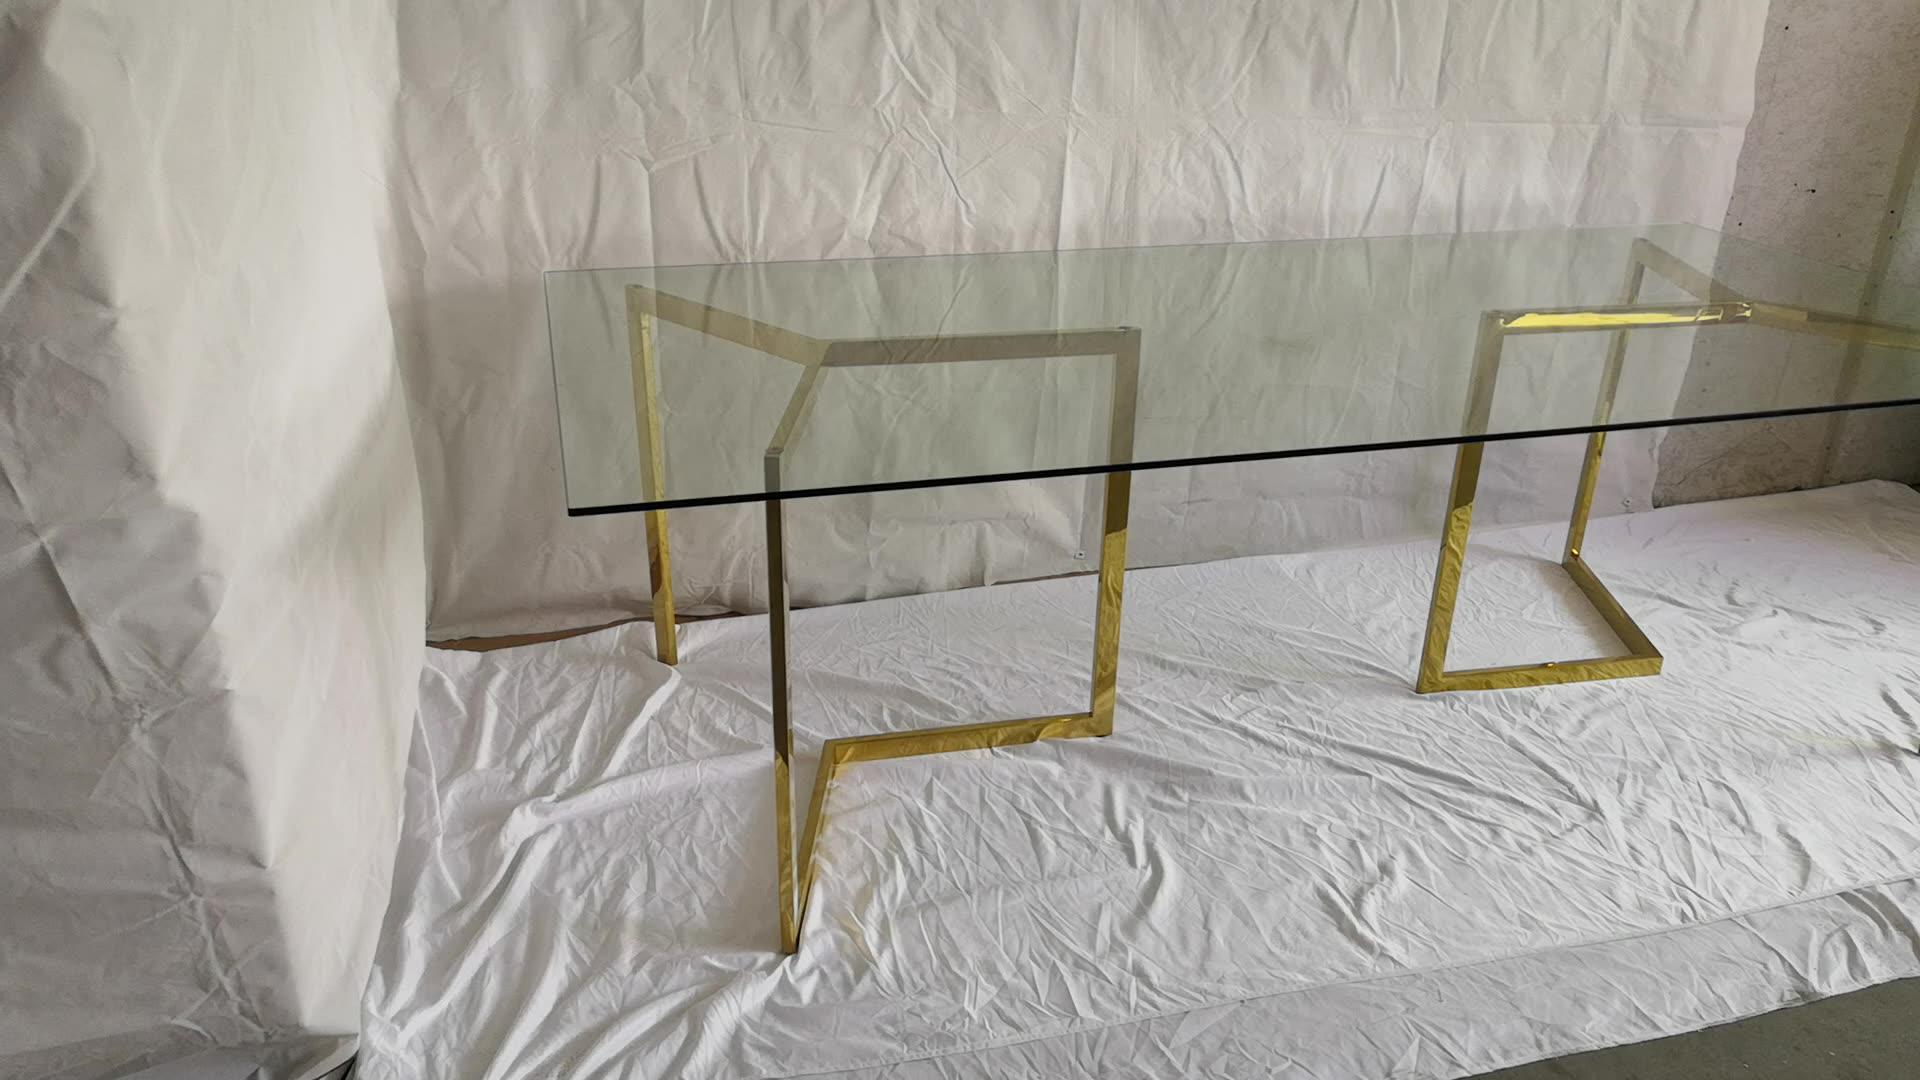 طاولة طعام مستطيلة فاخرة بمرآة 72 بوصة مع منضدة مستطيلة من الزجاج